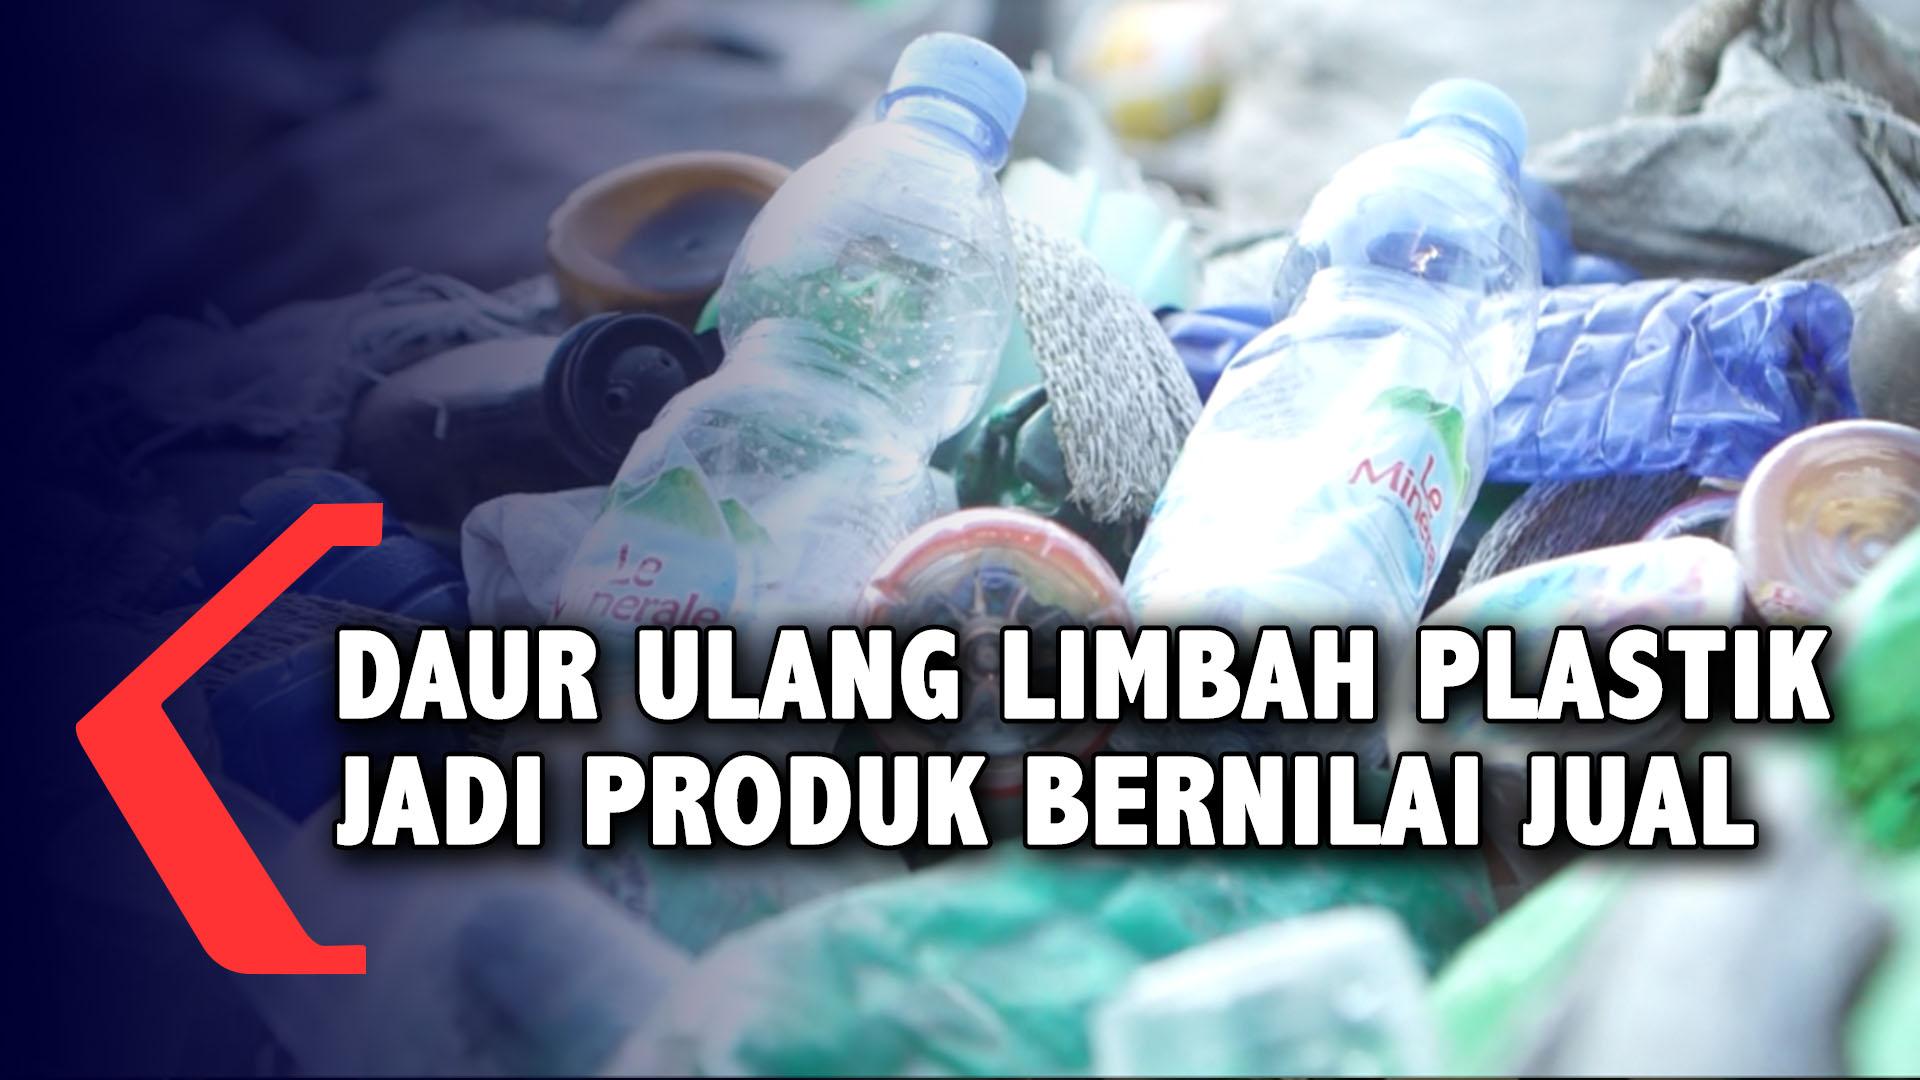 Cara Mengolah Sampah Plastik Bernilai Jual